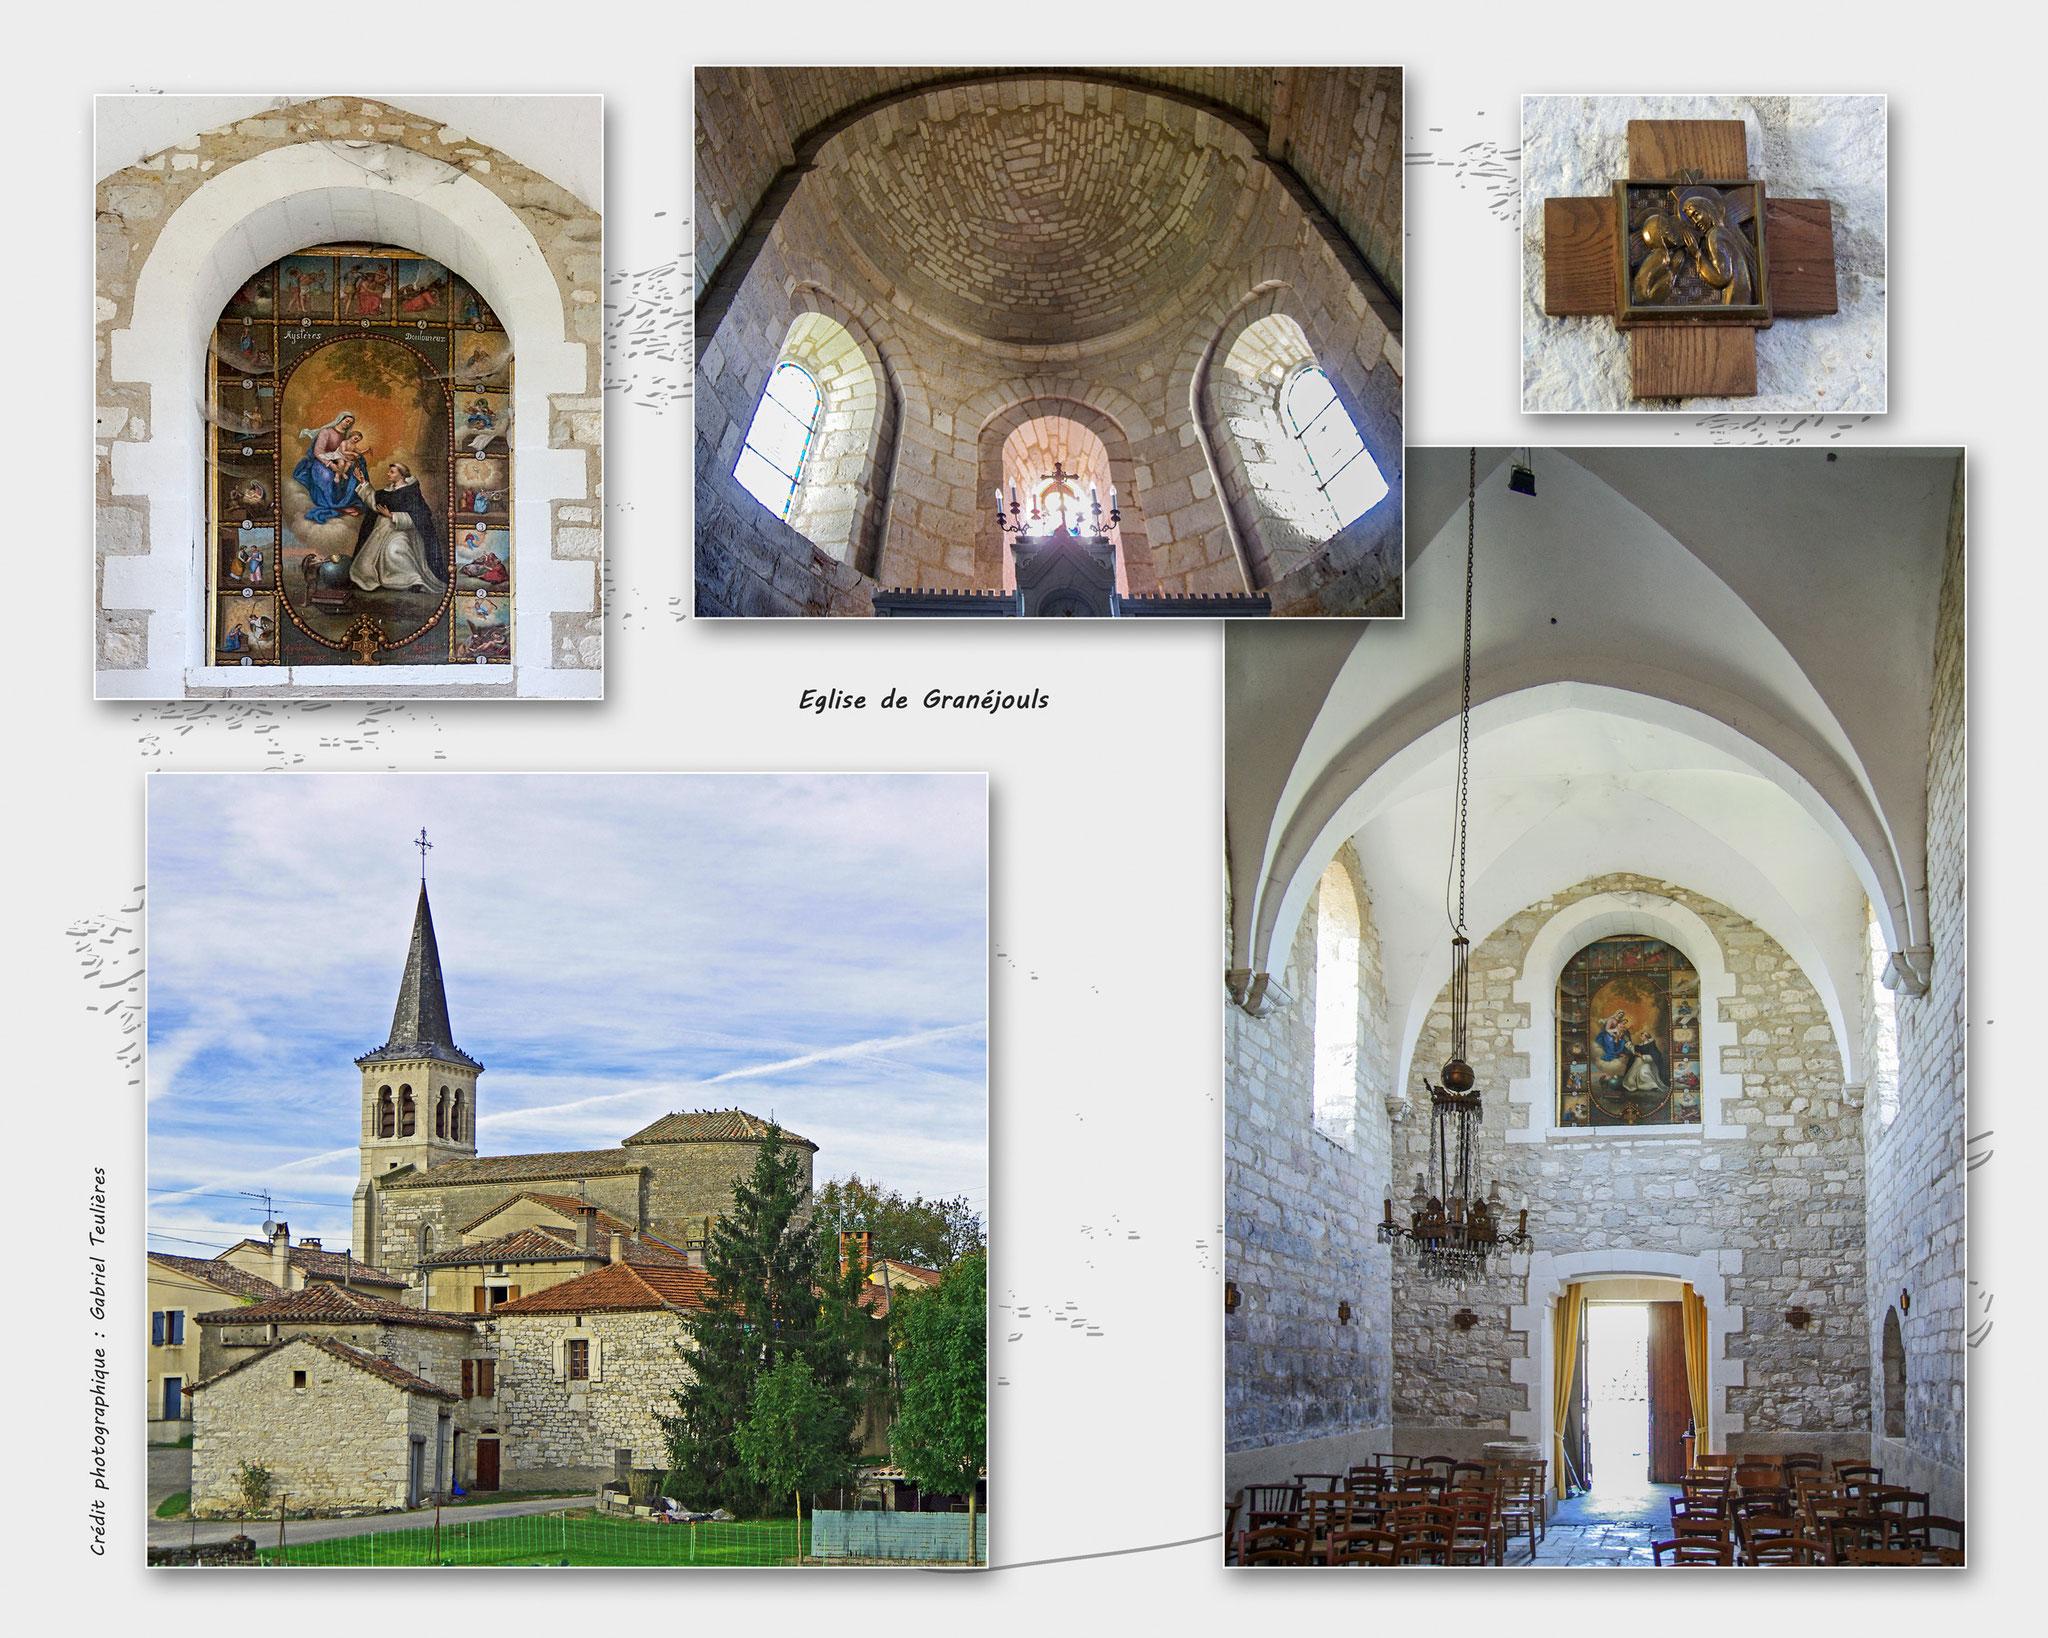 Eglise de Granéjouls